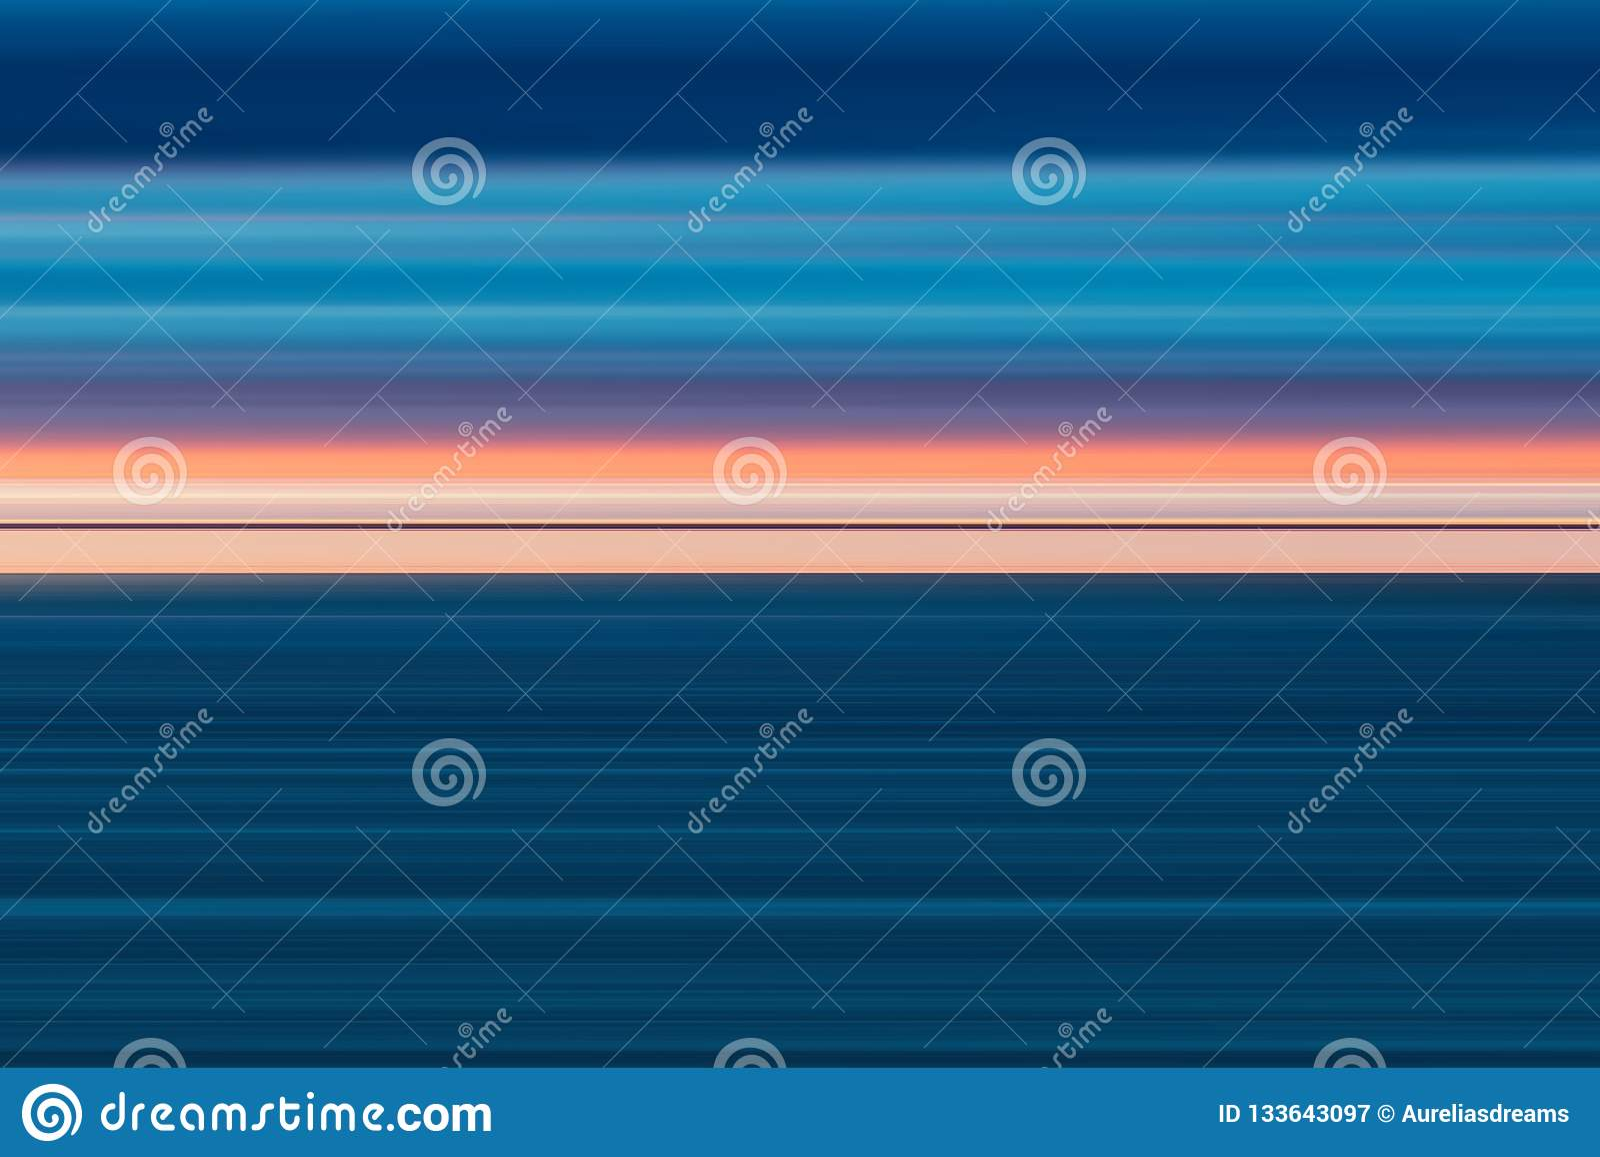 Linee luminose astratte variopinte fondo, struttura a strisce orizzontale nel rosa e toni blu